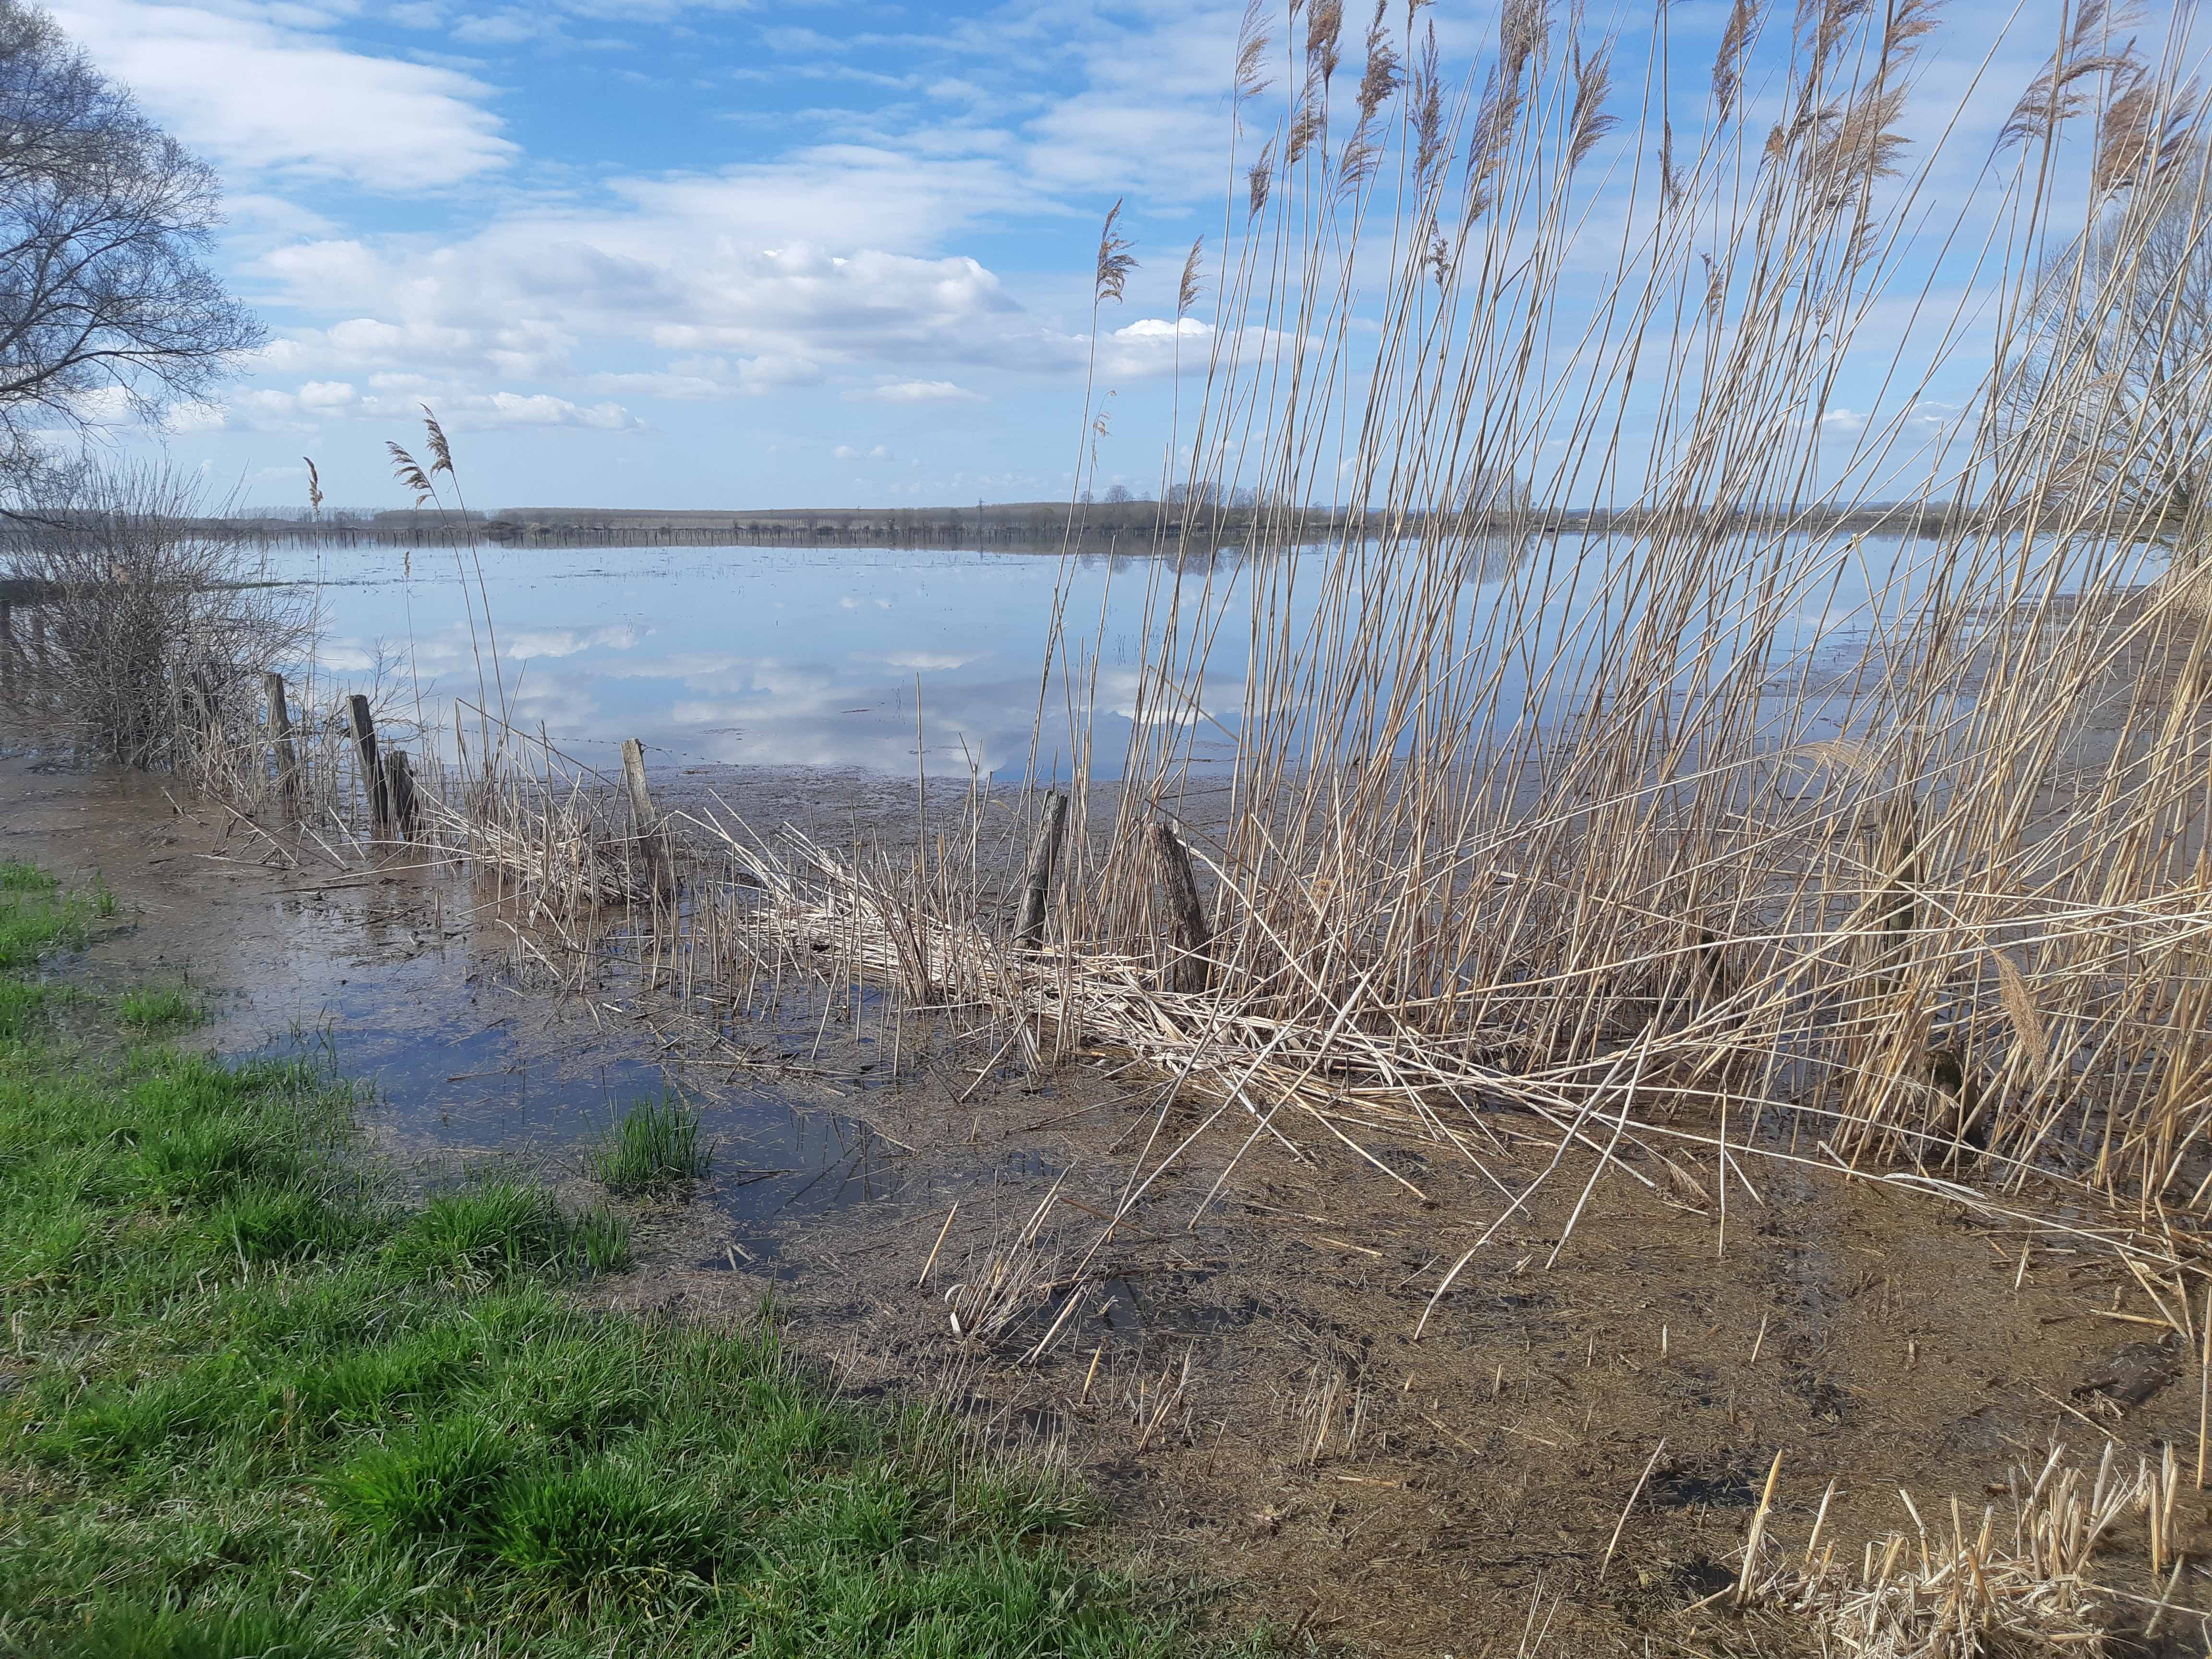 Nom : prairie inondée.jpg Affichages : 644 Taille : 1,72 Mo